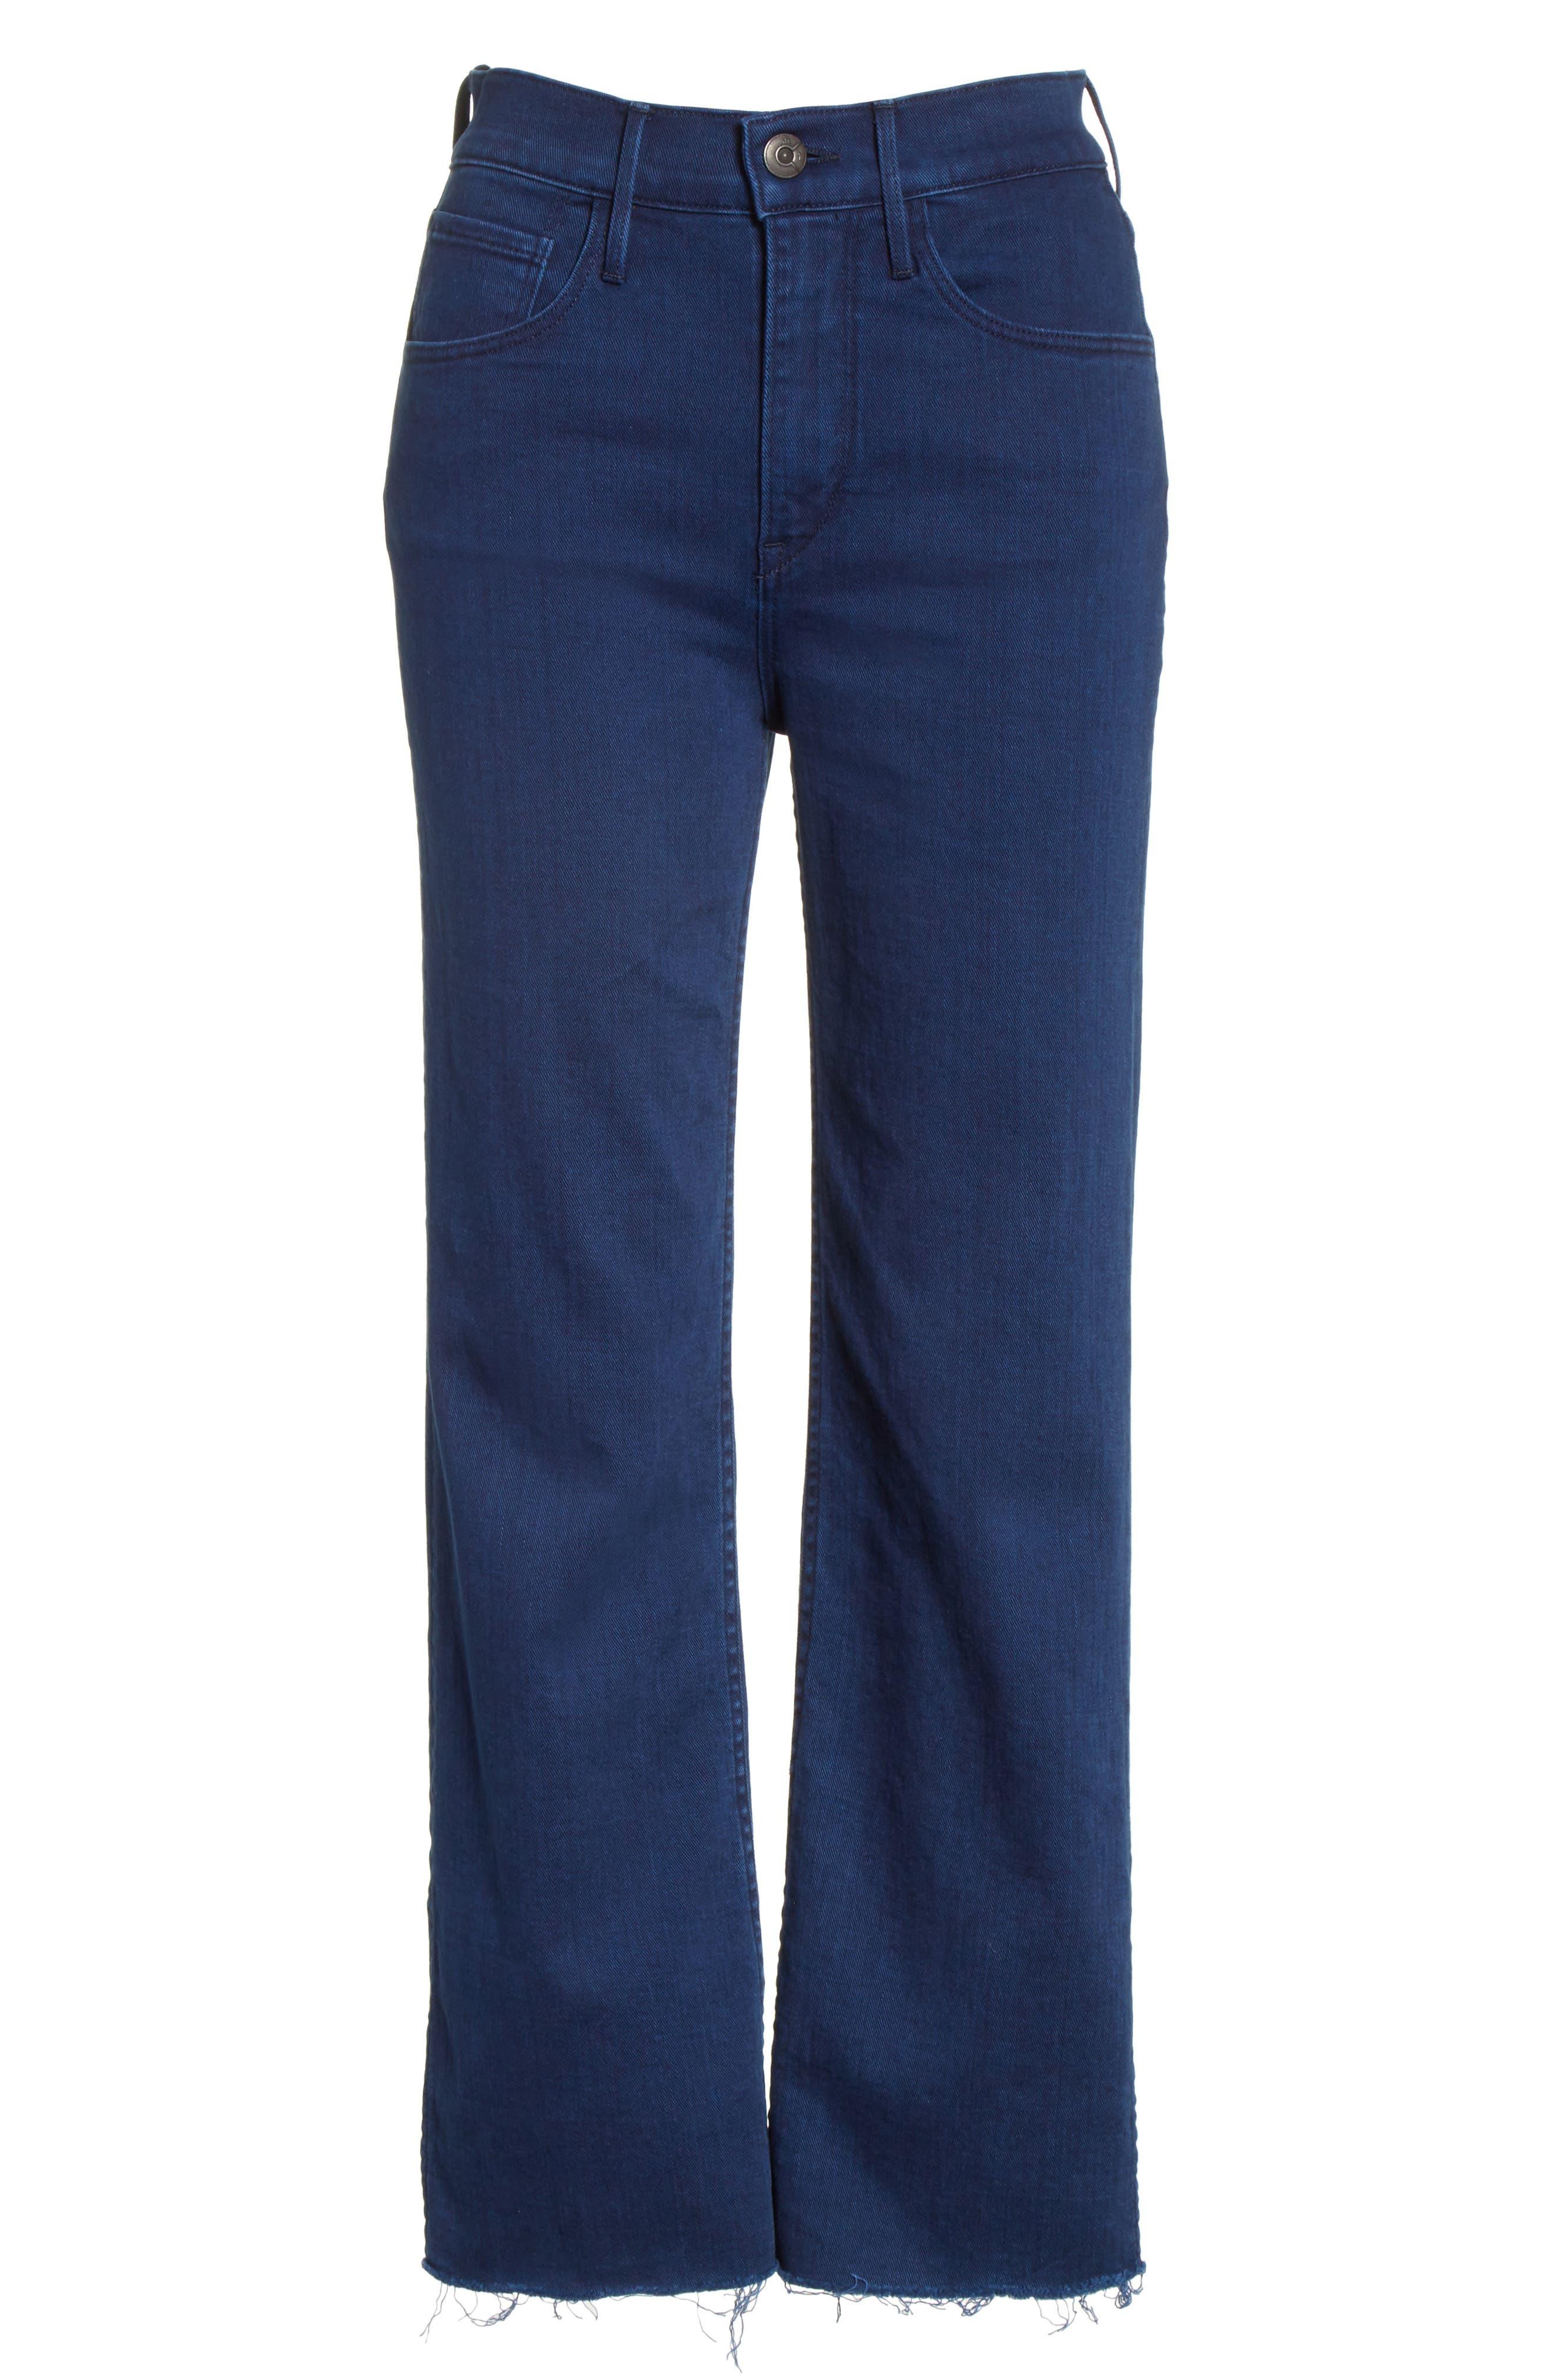 W4 Shelter Crop Wide Leg Jeans,                             Alternate thumbnail 6, color,                             Arrow